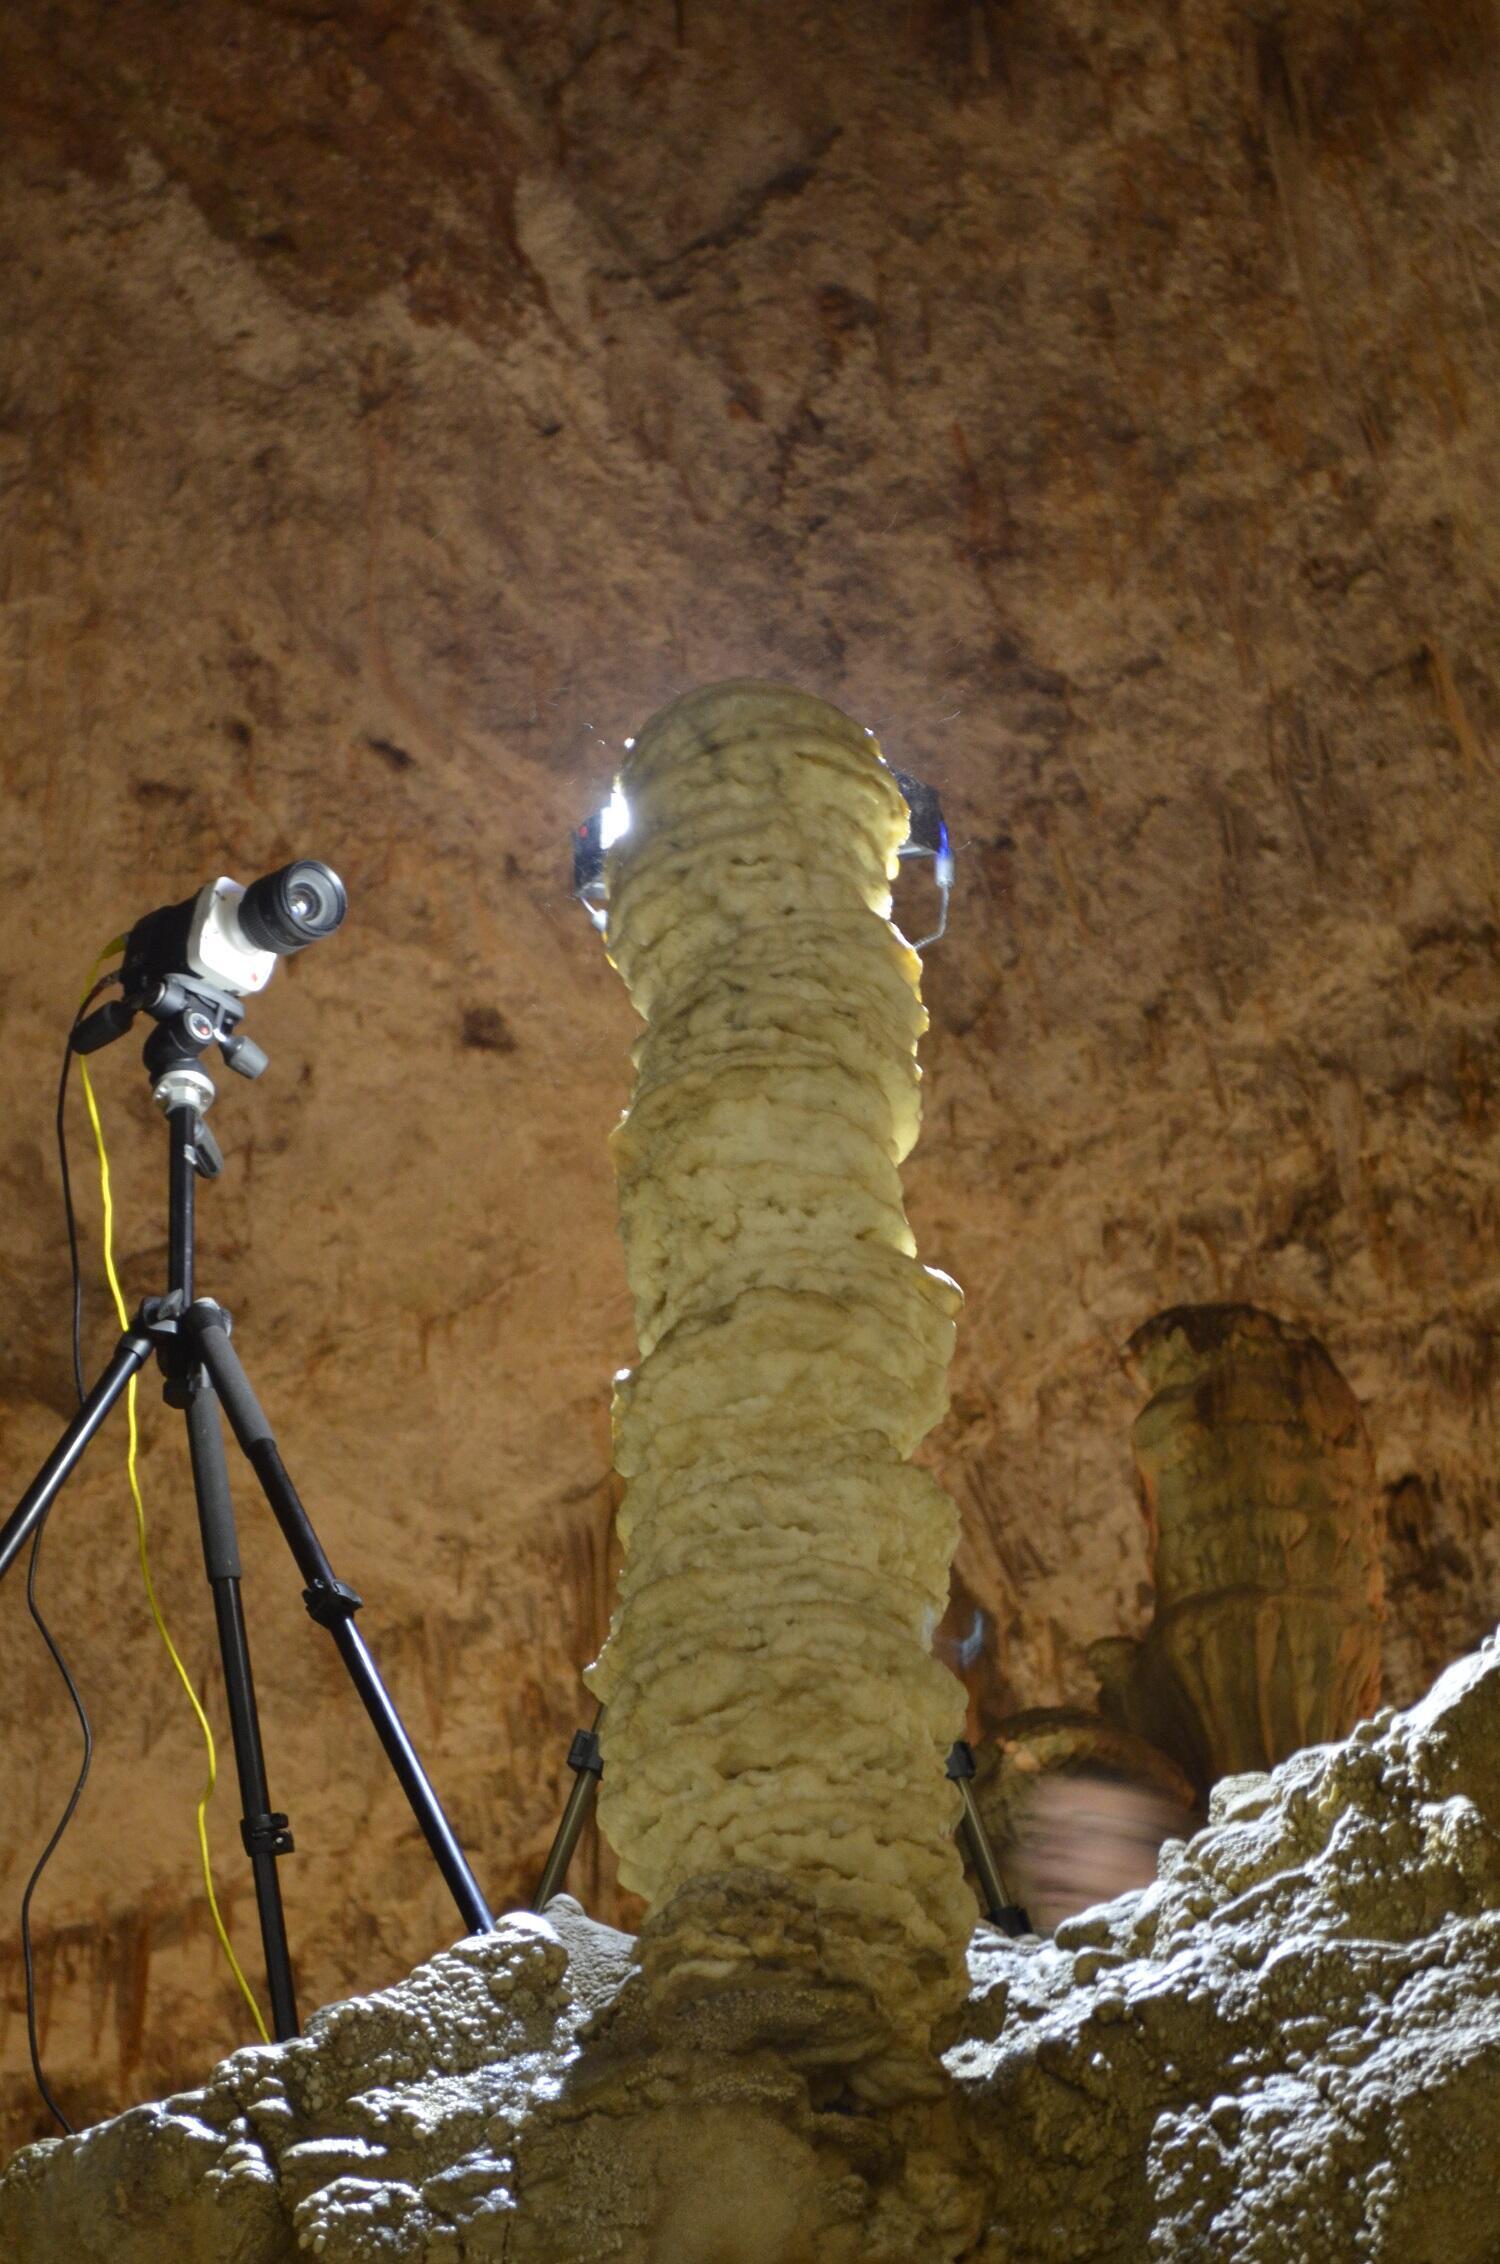 Instalación dentro de la gruta para estudiar este fenómeno.